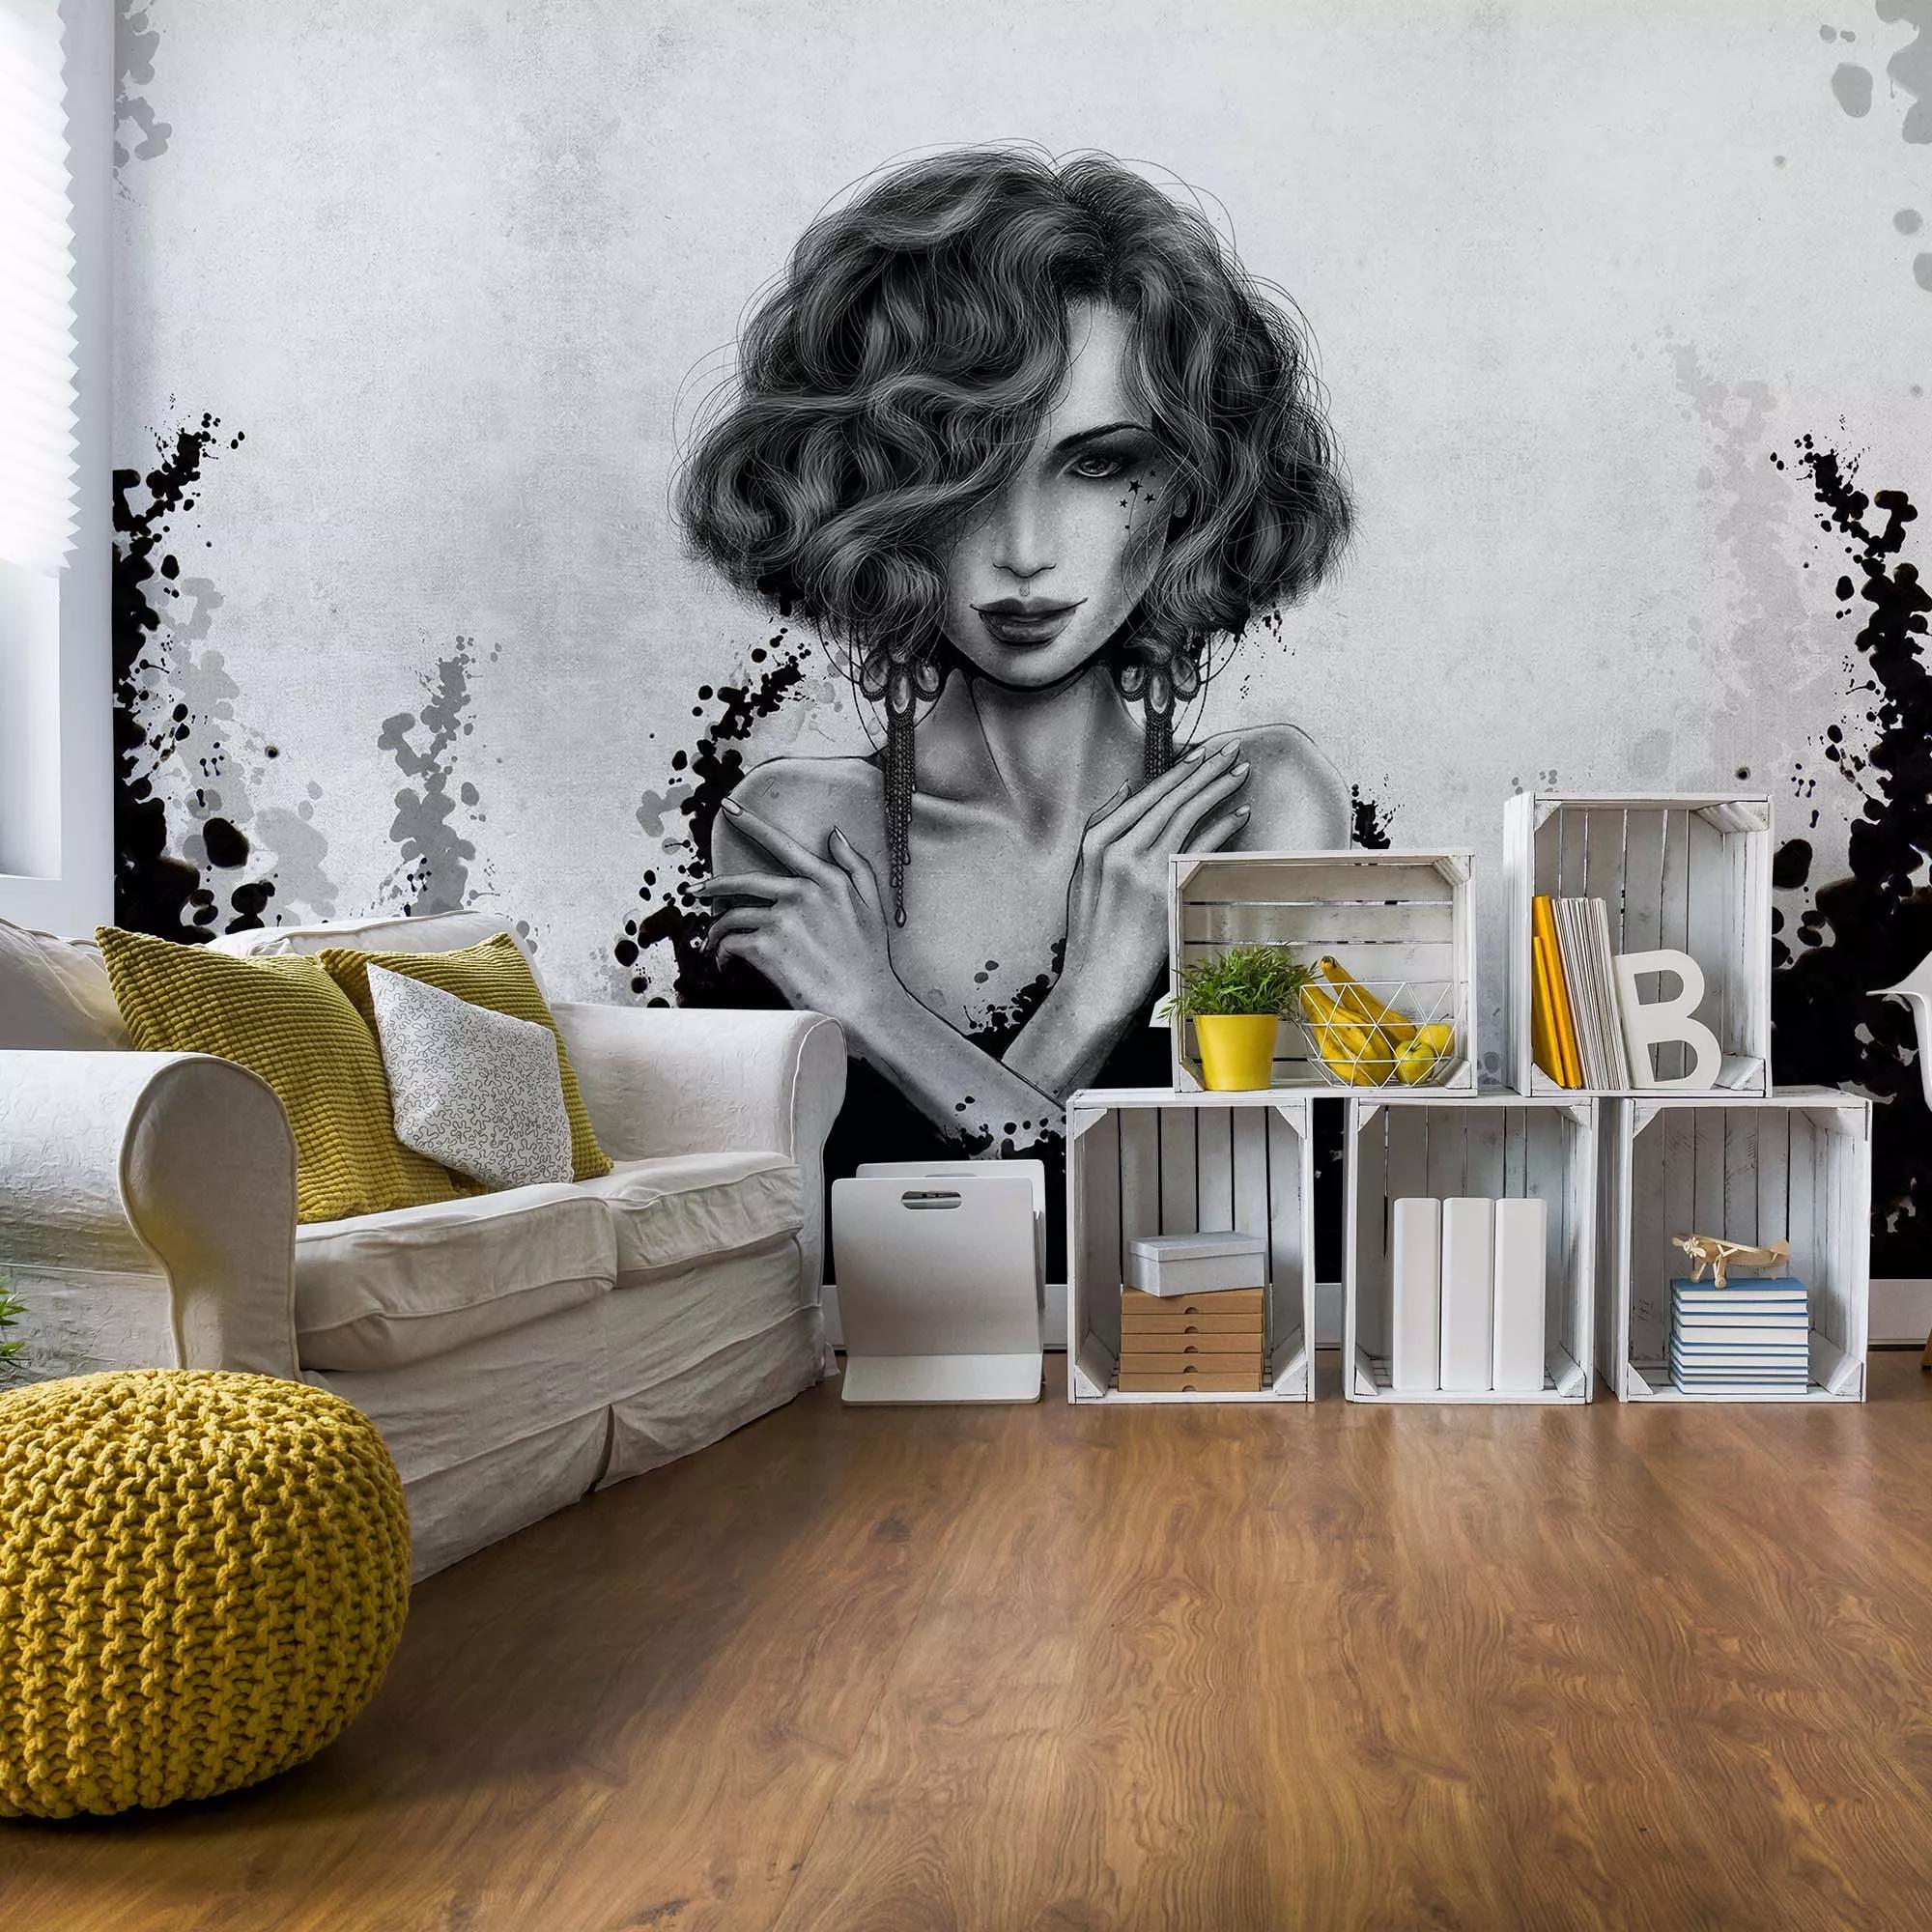 Fali poszter fekete fehér színvilágban női arc mintával